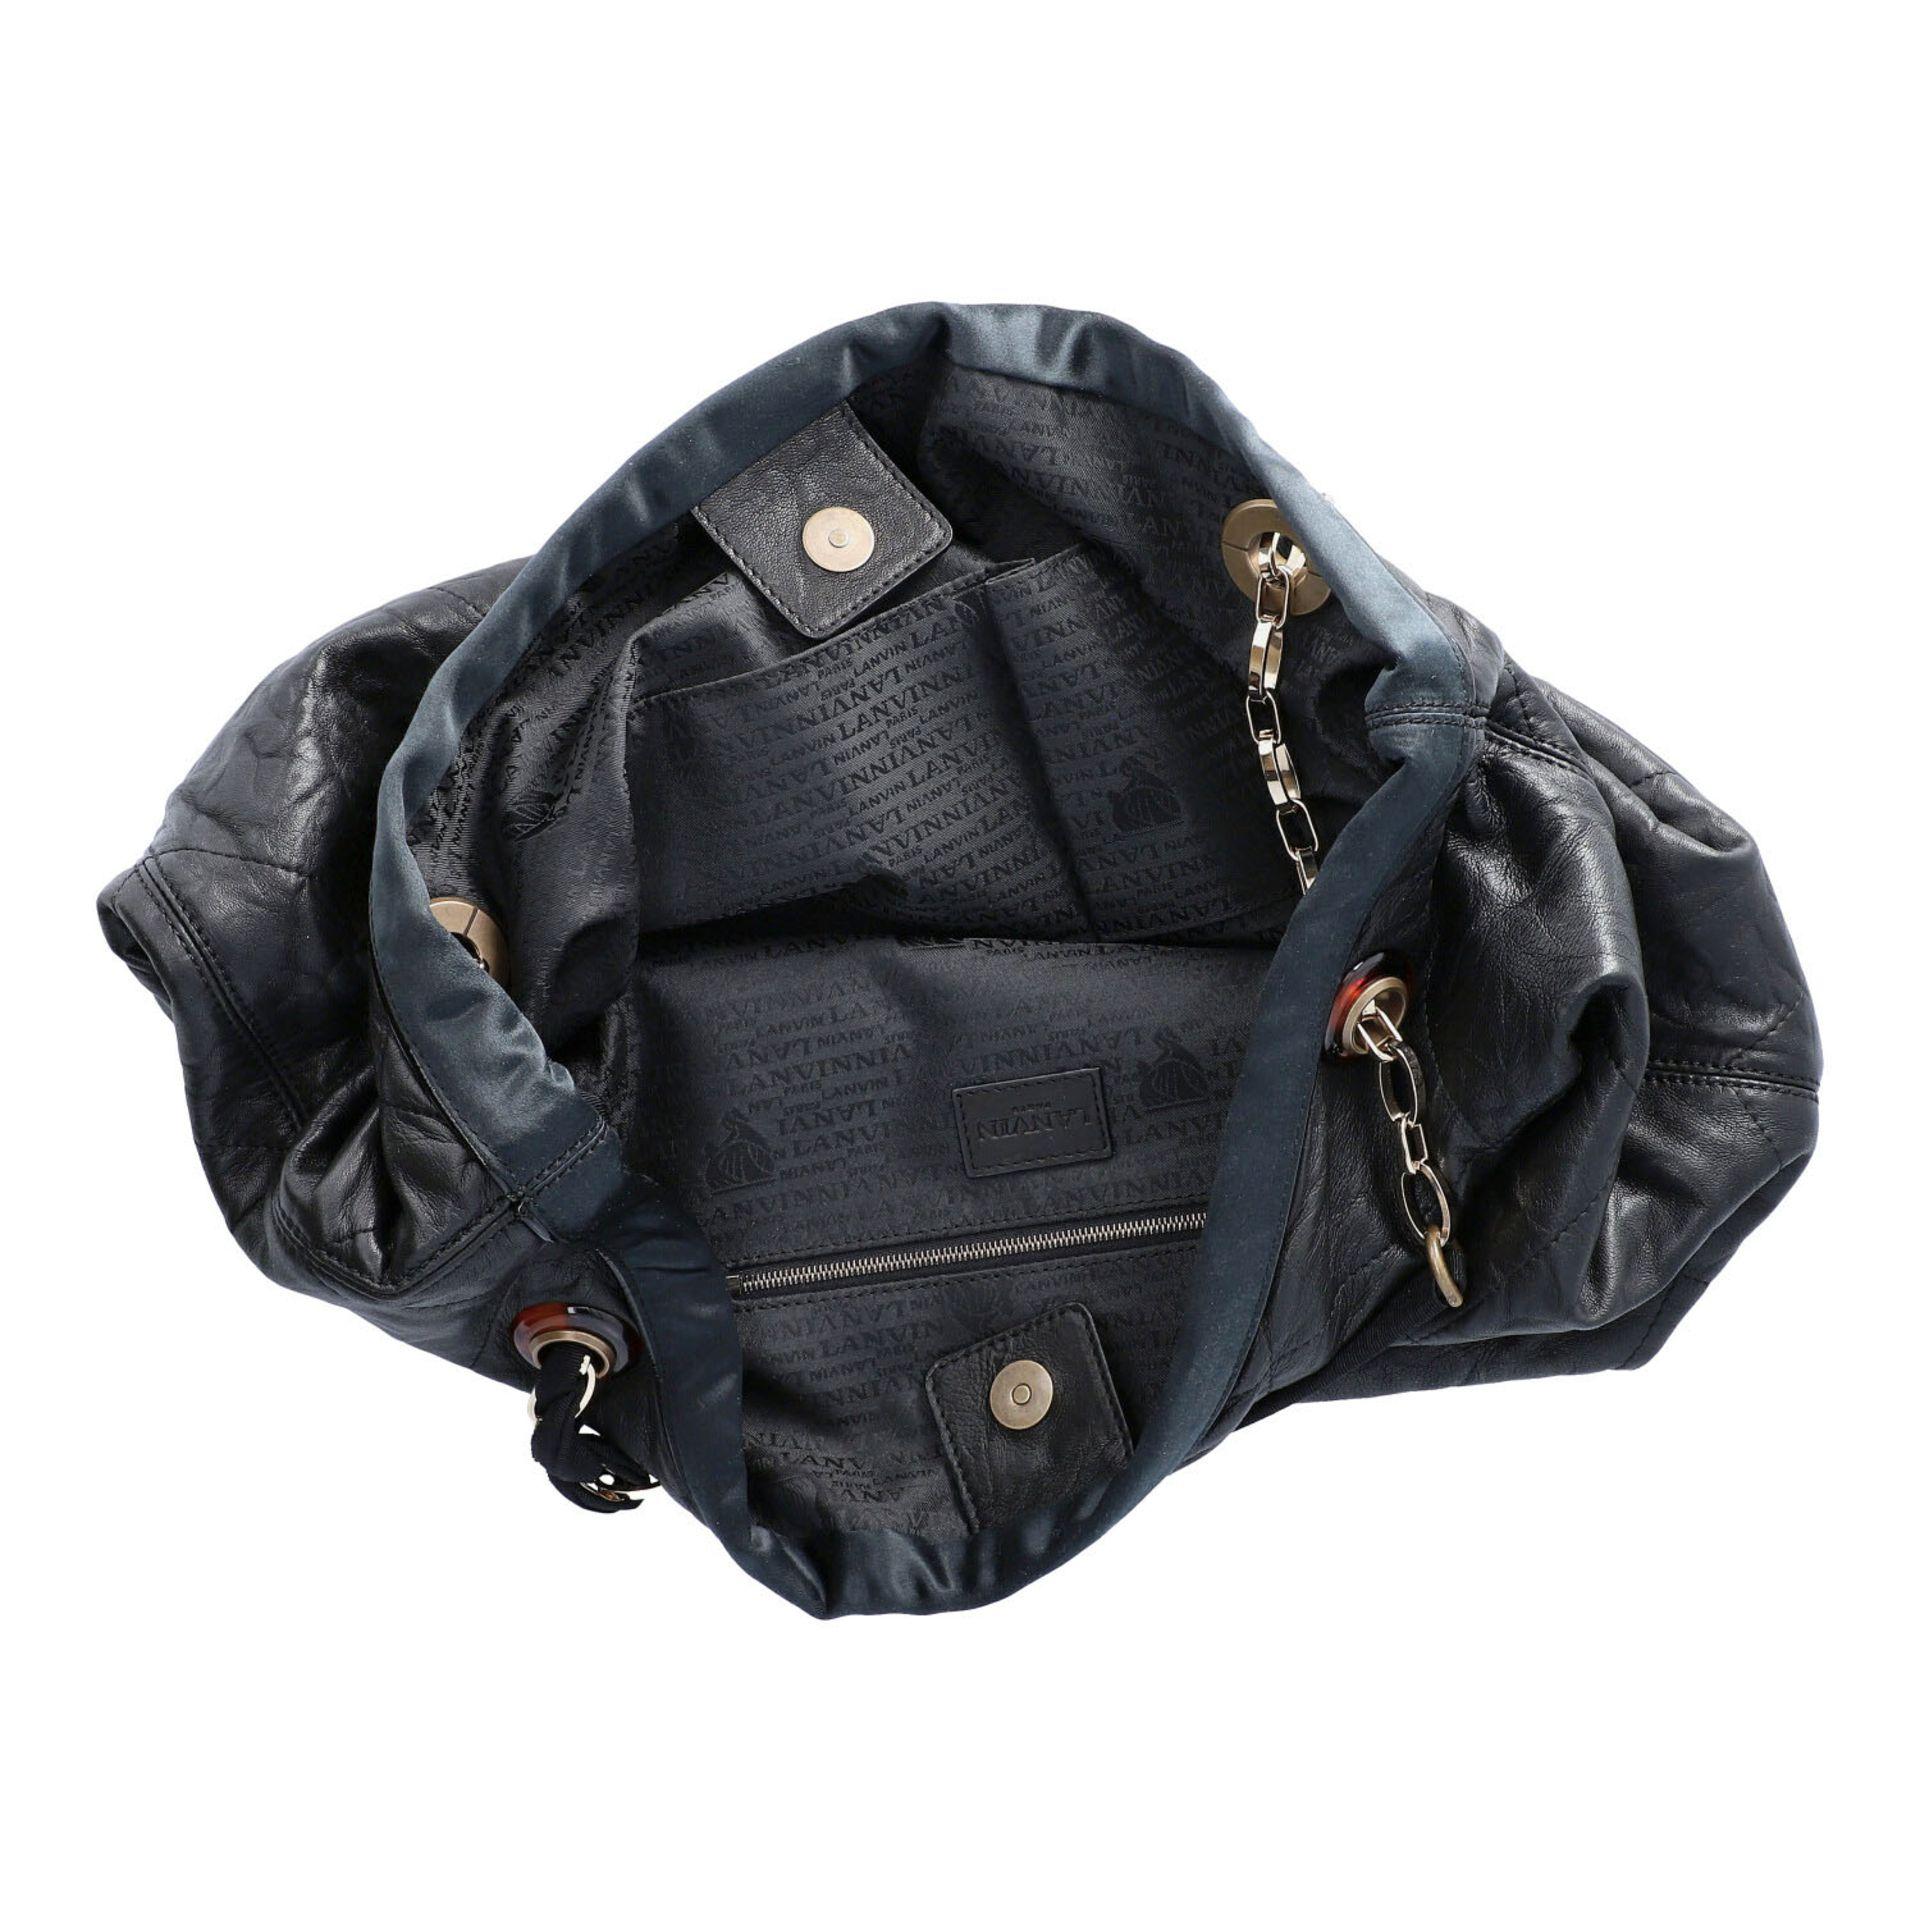 LANVIN Shoppertasche. Softes Leder in Schwarz mit Rautensteppung und dekorativen Trage - Image 6 of 8